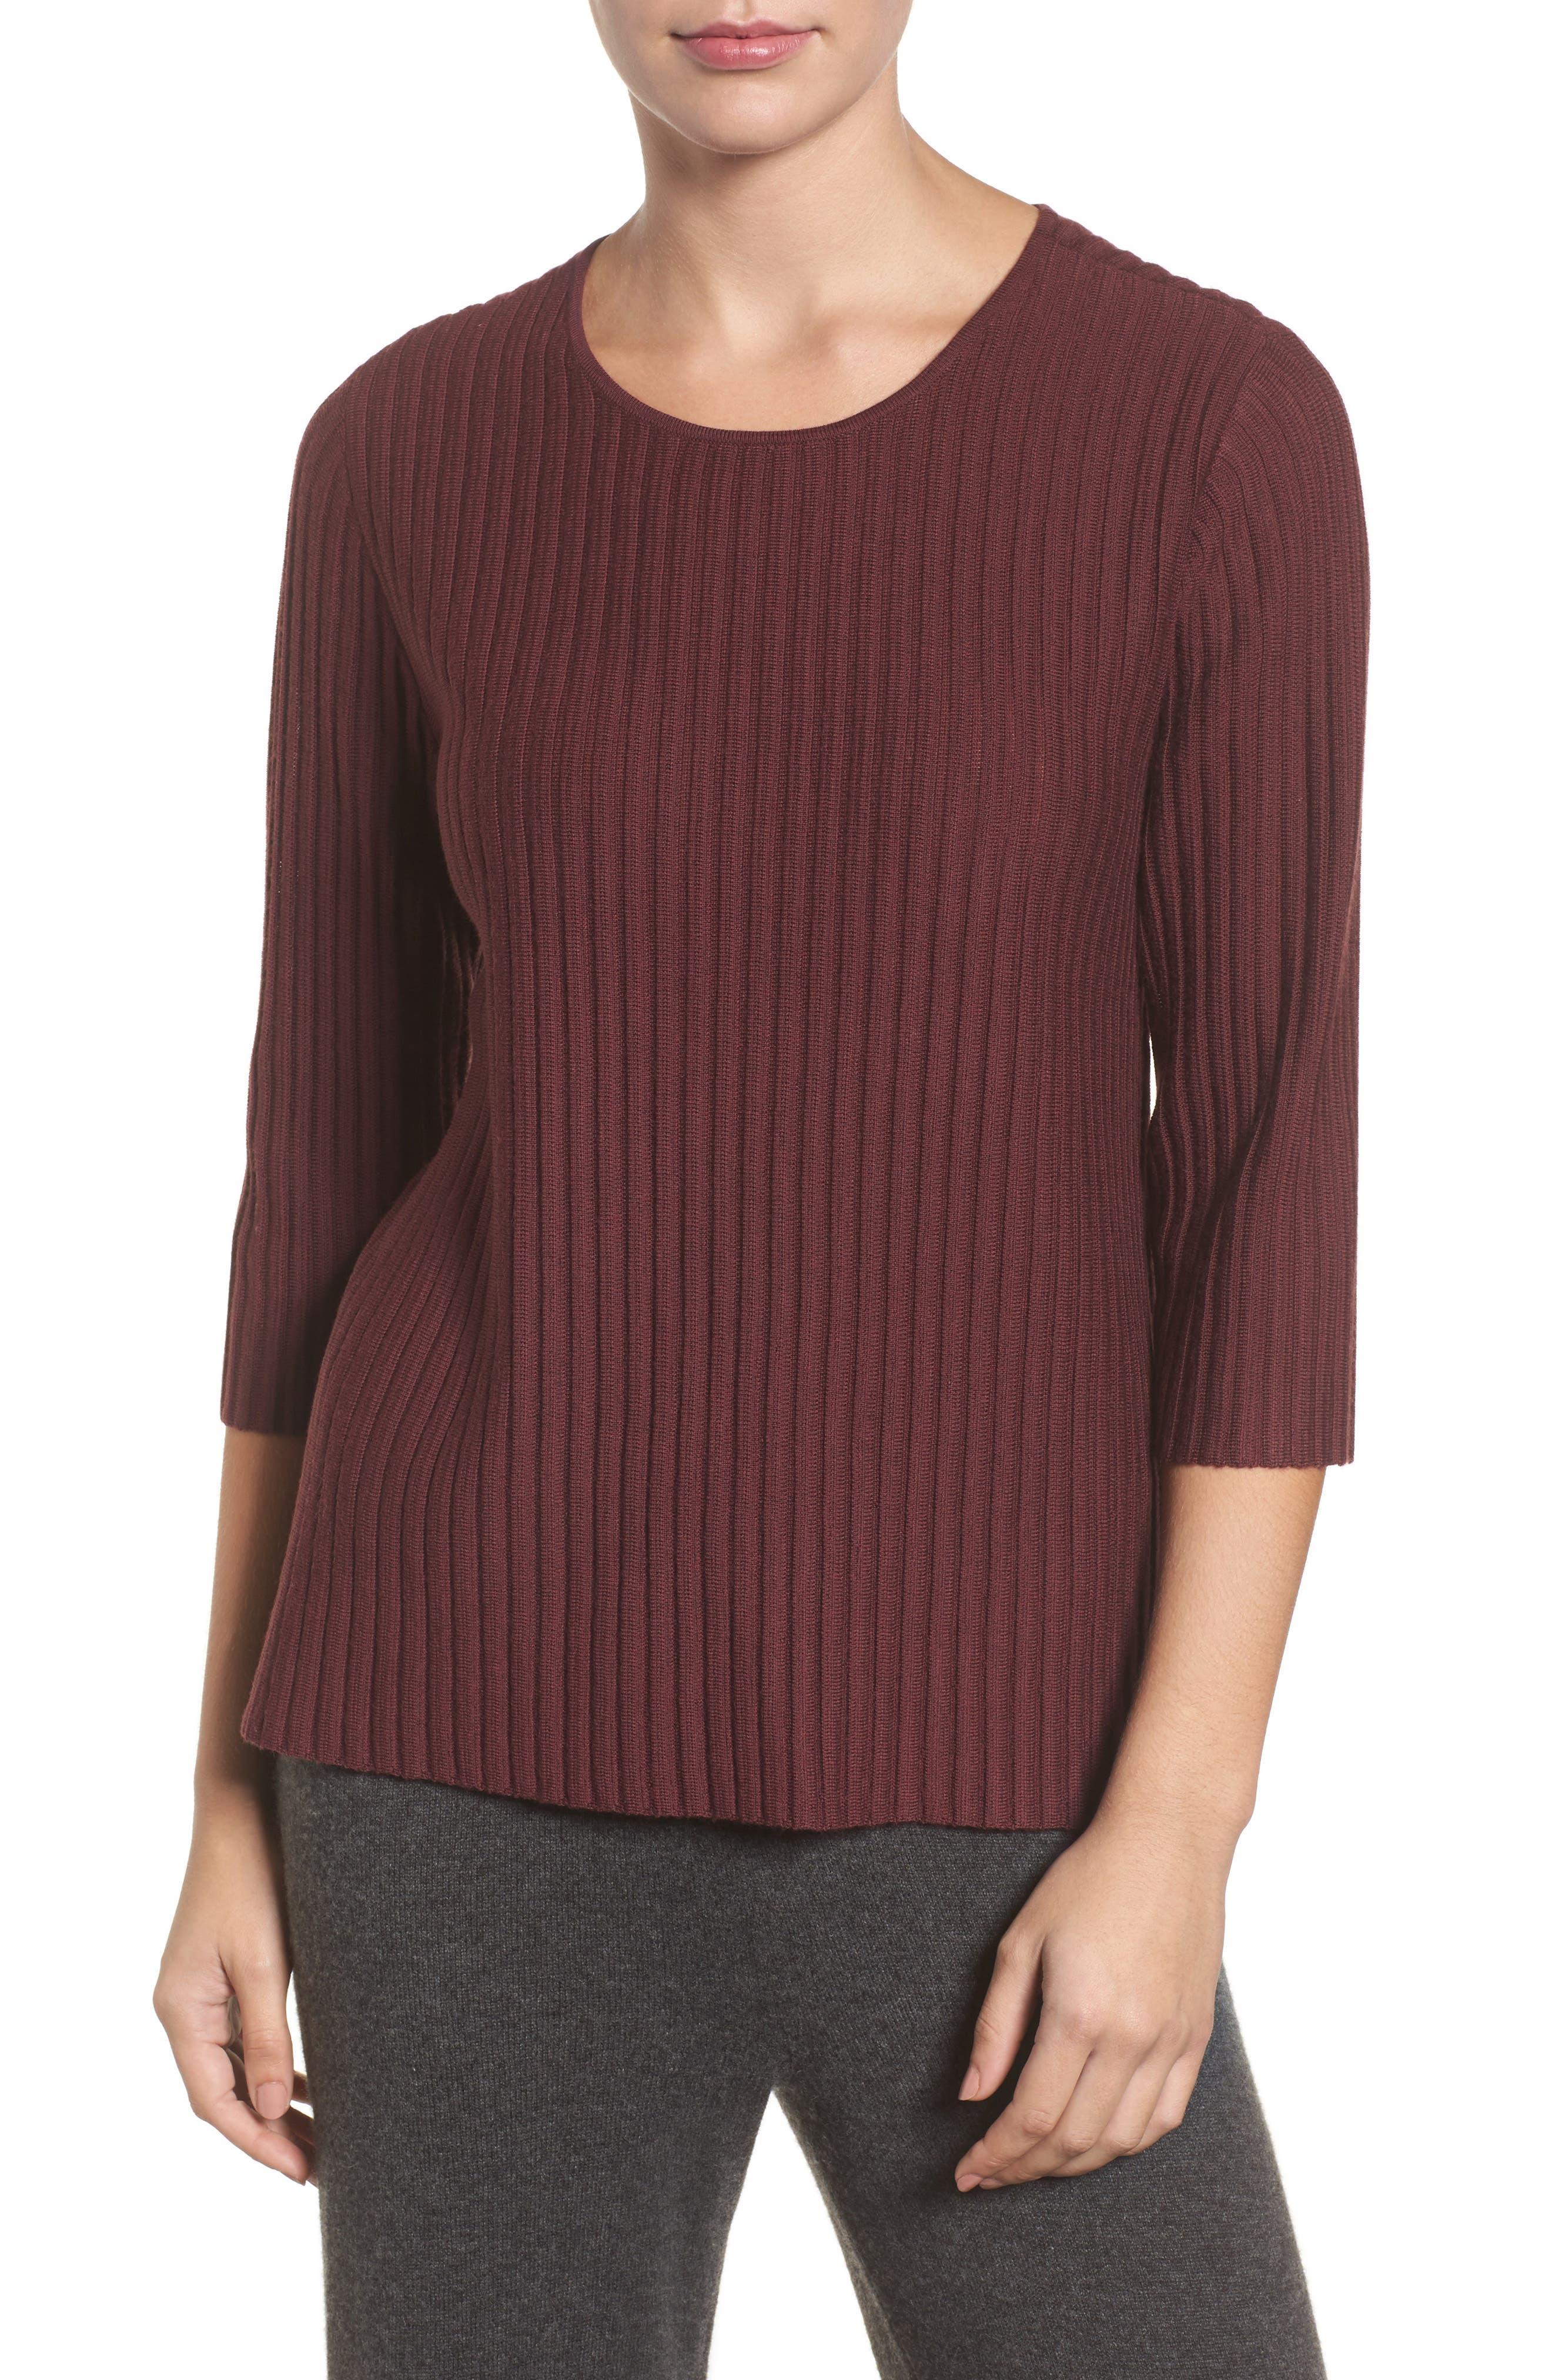 Main Image - Eileen Fisher Ribbed Merino Wool Sweater (Regular & Petite)